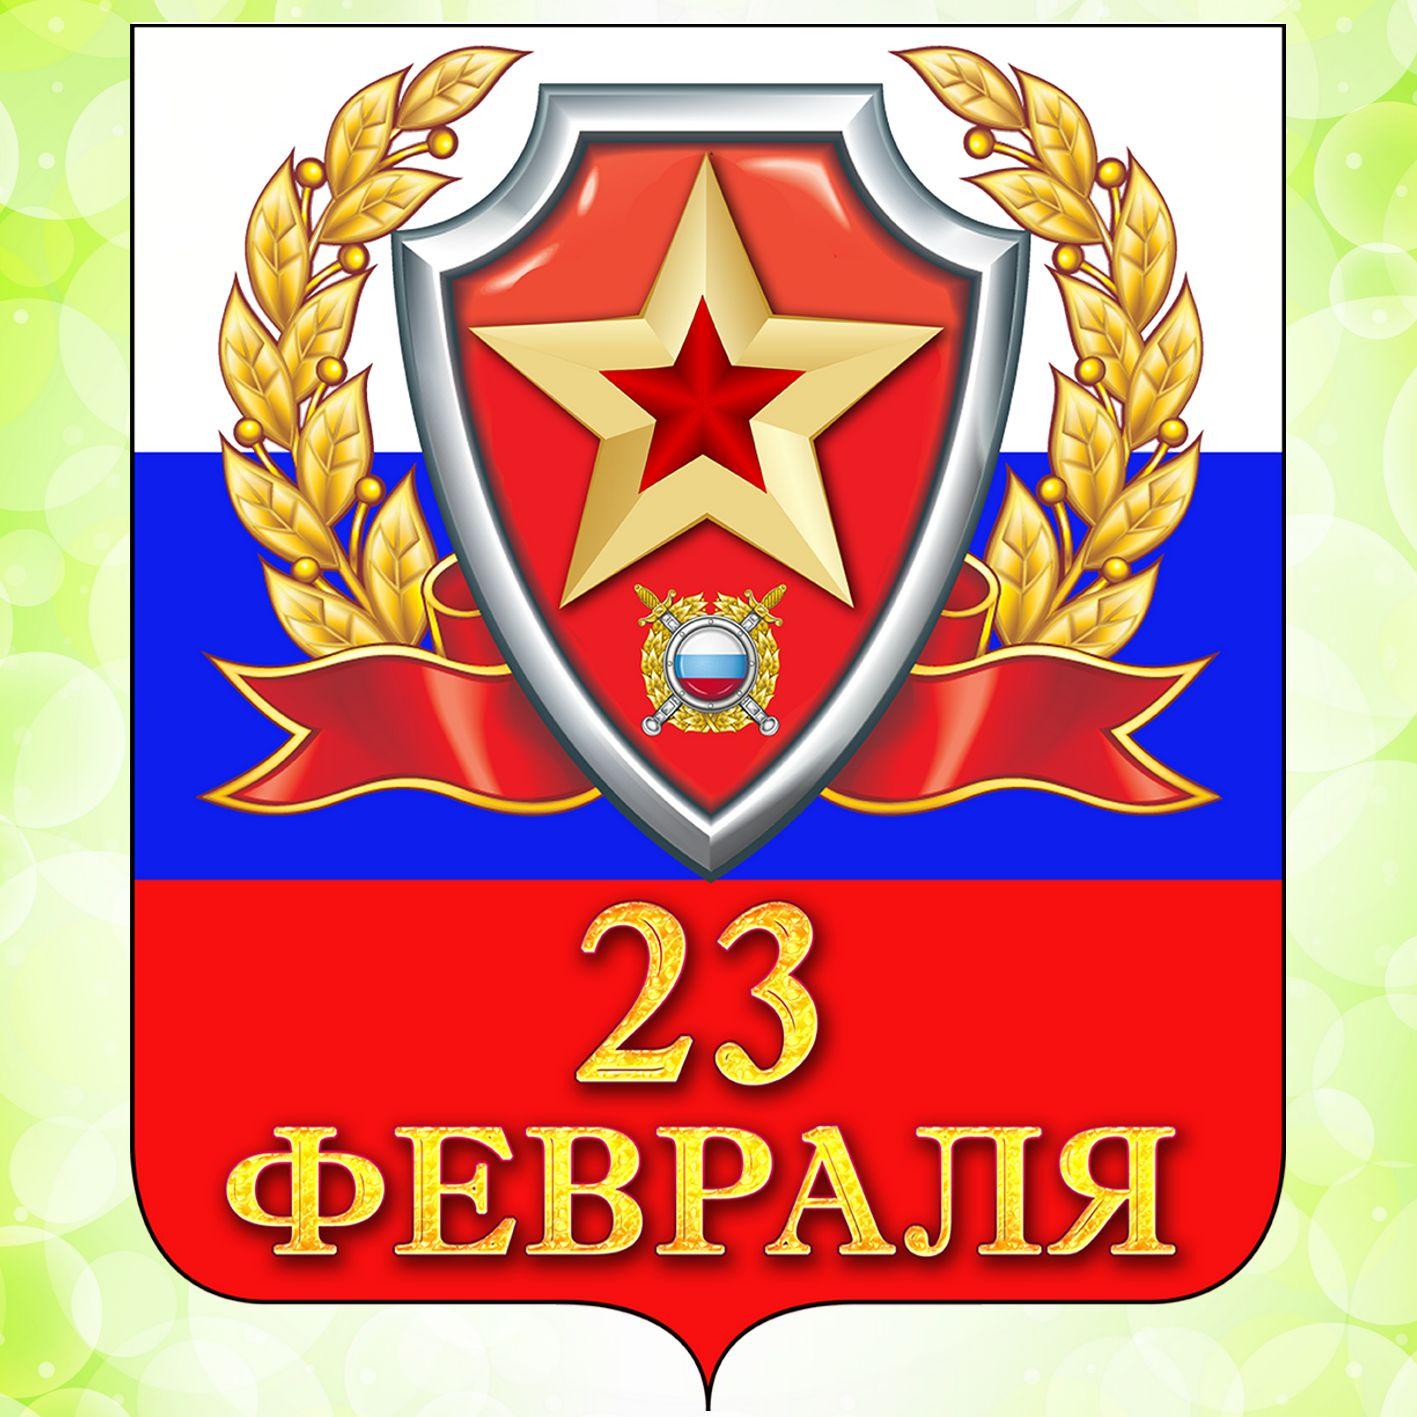 Герб и флаг России на День защитника Отечества